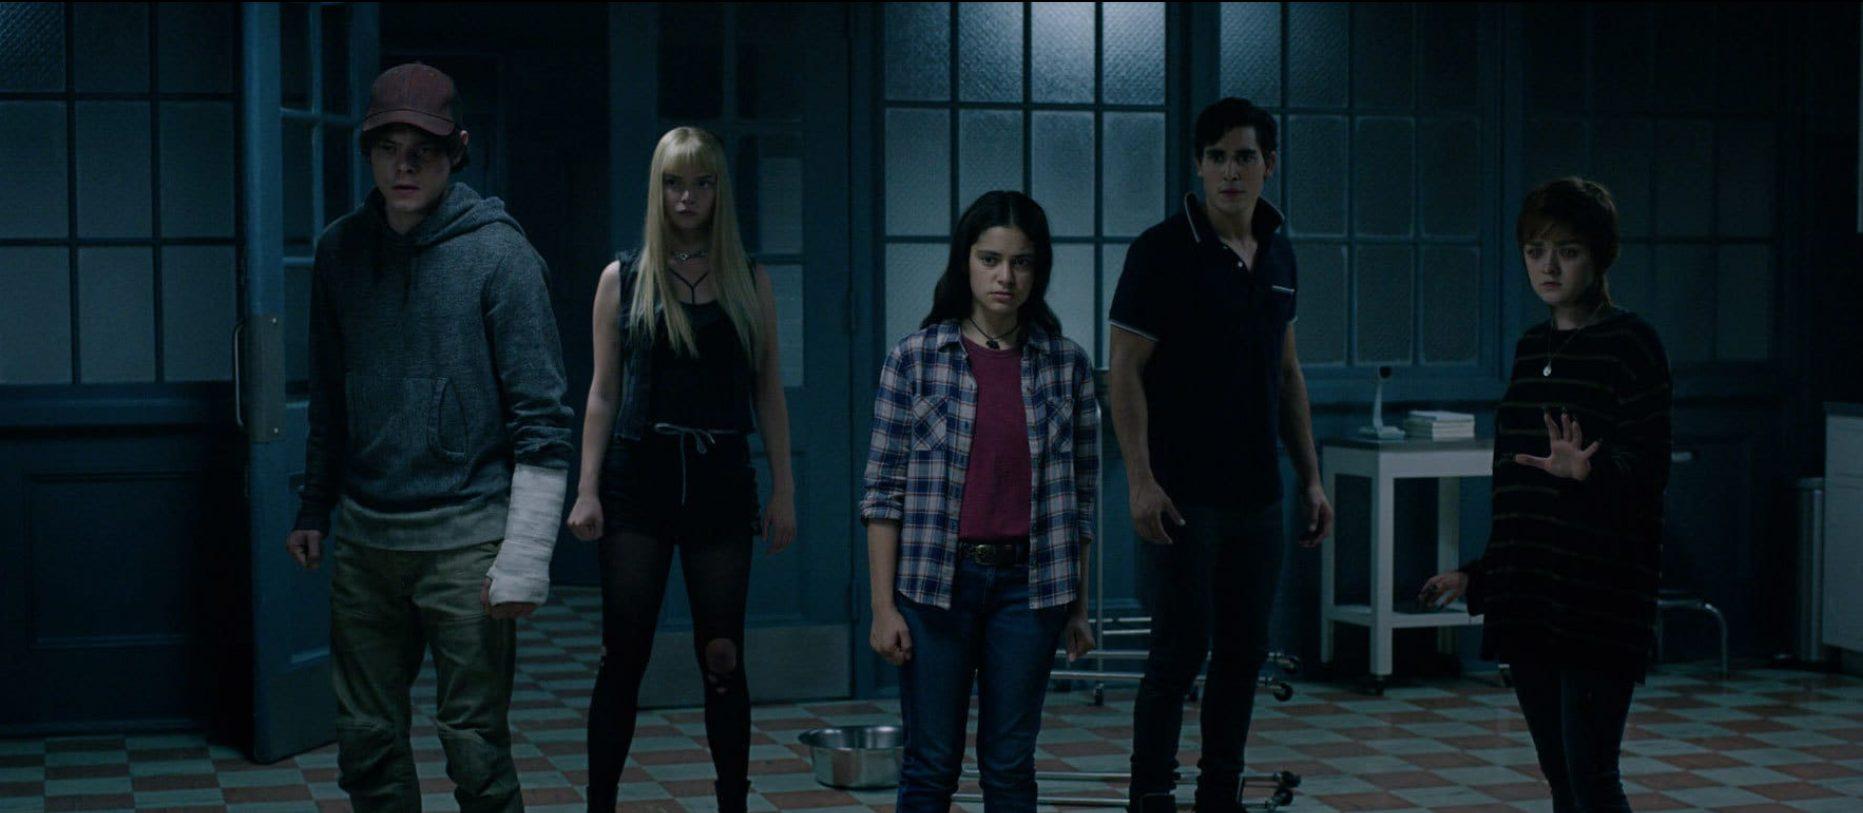 Les nouveaux mutants de Josh Boone, depuis le 26 août au cinéma.